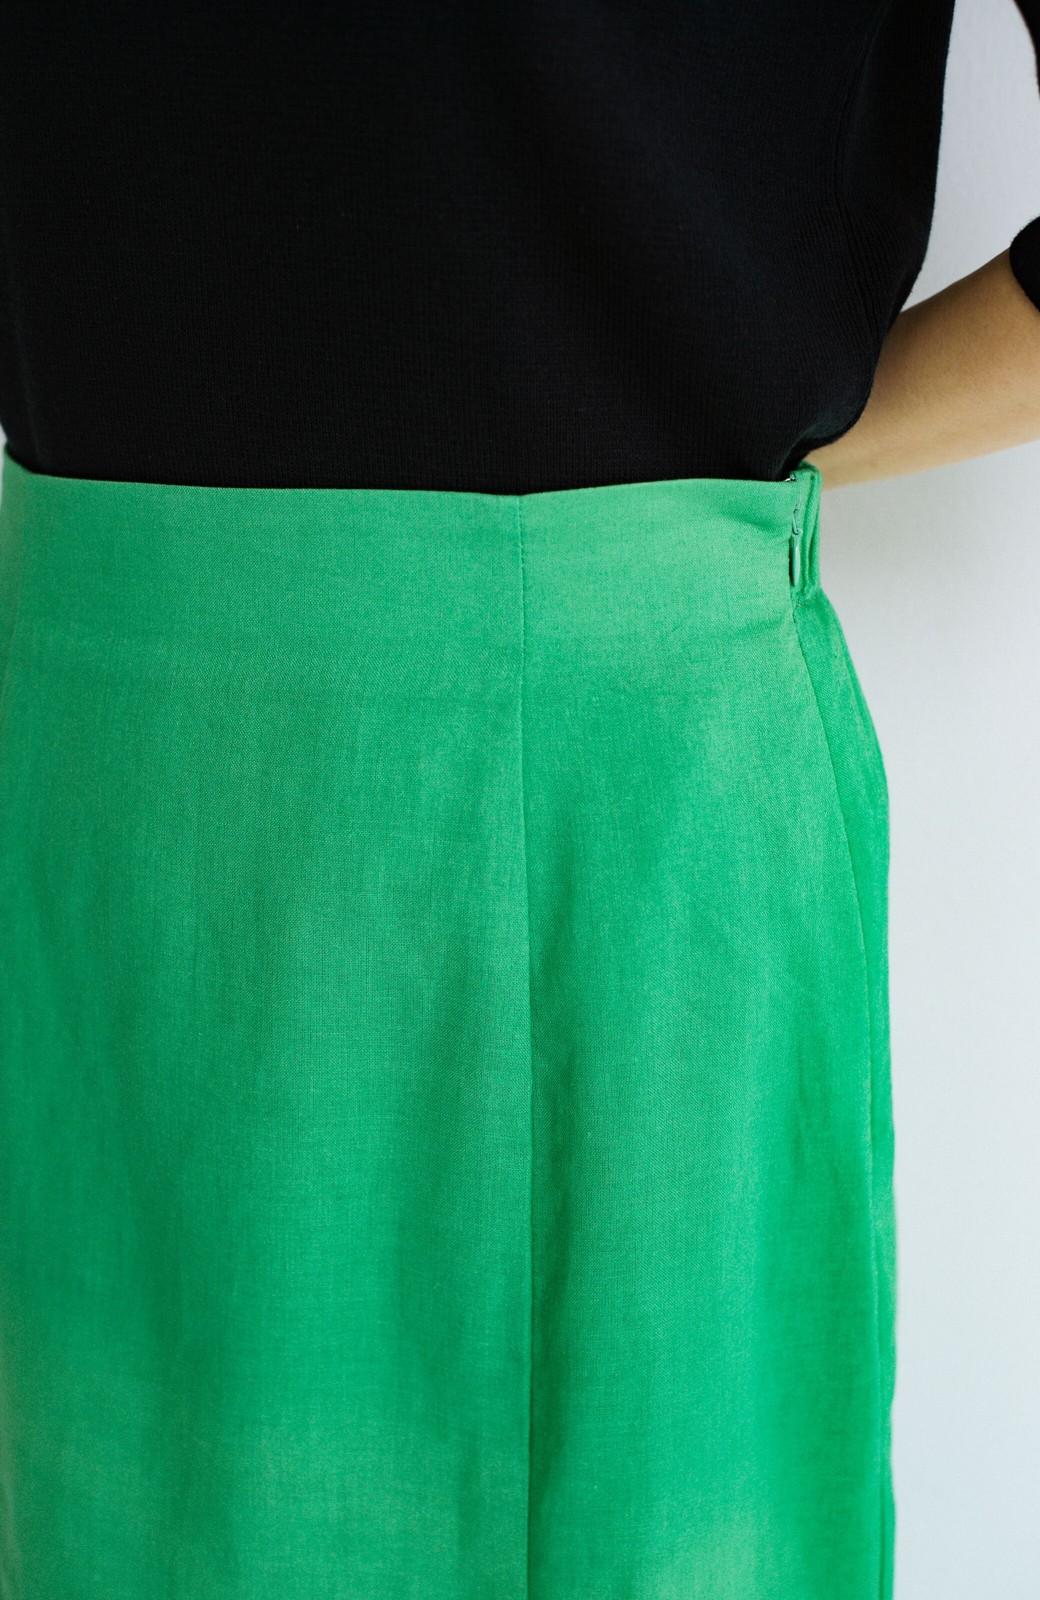 haco! 時間のない朝にもパッと出かけられる!元気が出るきれい色スカートにちょうどいいロゴTシャツを合わせておいた作り置きコーデセット by que made me <その他>の商品写真19